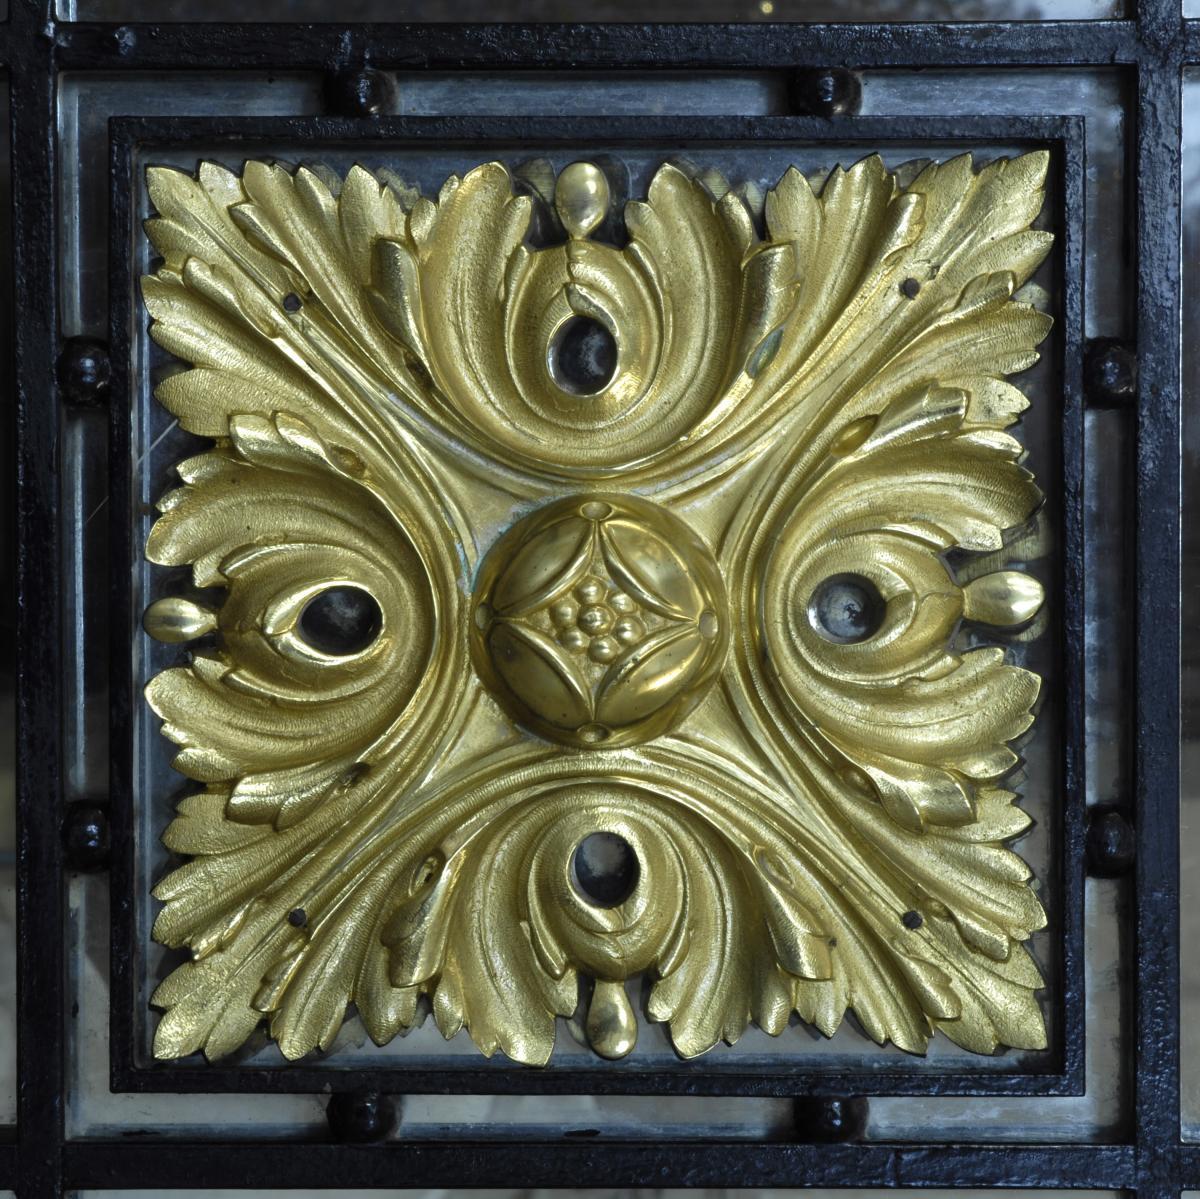 Décro de la porte du hall © Musée des Beaux-Arts-mairie de Bordeaux. Cliché F.Deval